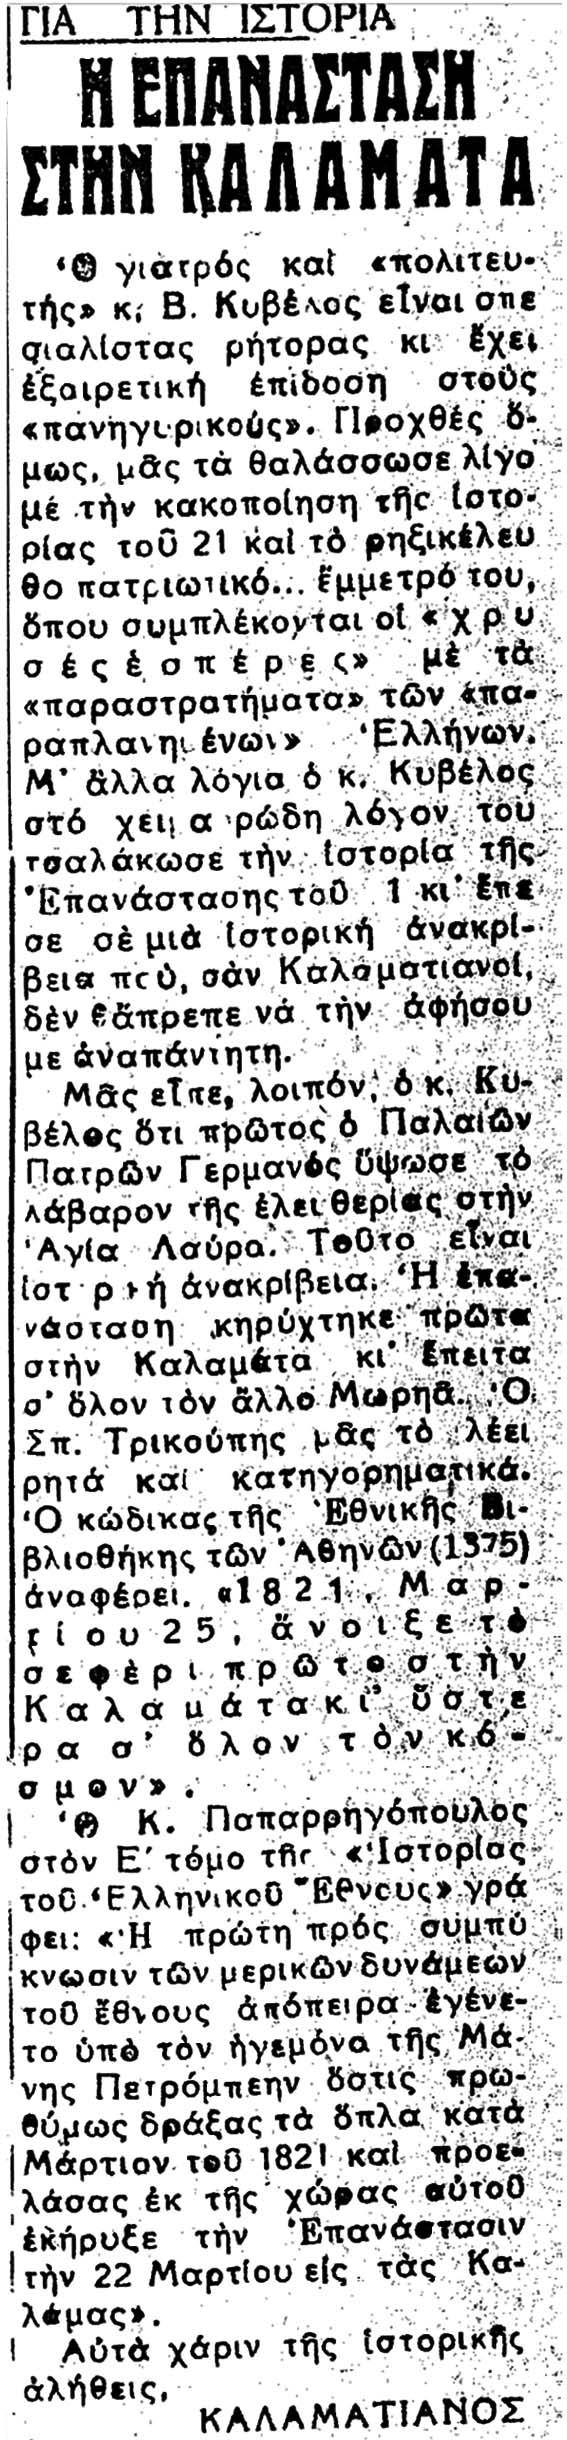 Καλημέρα με πρόσωπα και γεγονότα της Μεσσηνίας - Σαν σήμερα……26 Μαρτίου 1945. Έντονες αντιδράσεις από το λόγο του πολιτευτή Κυβέλου